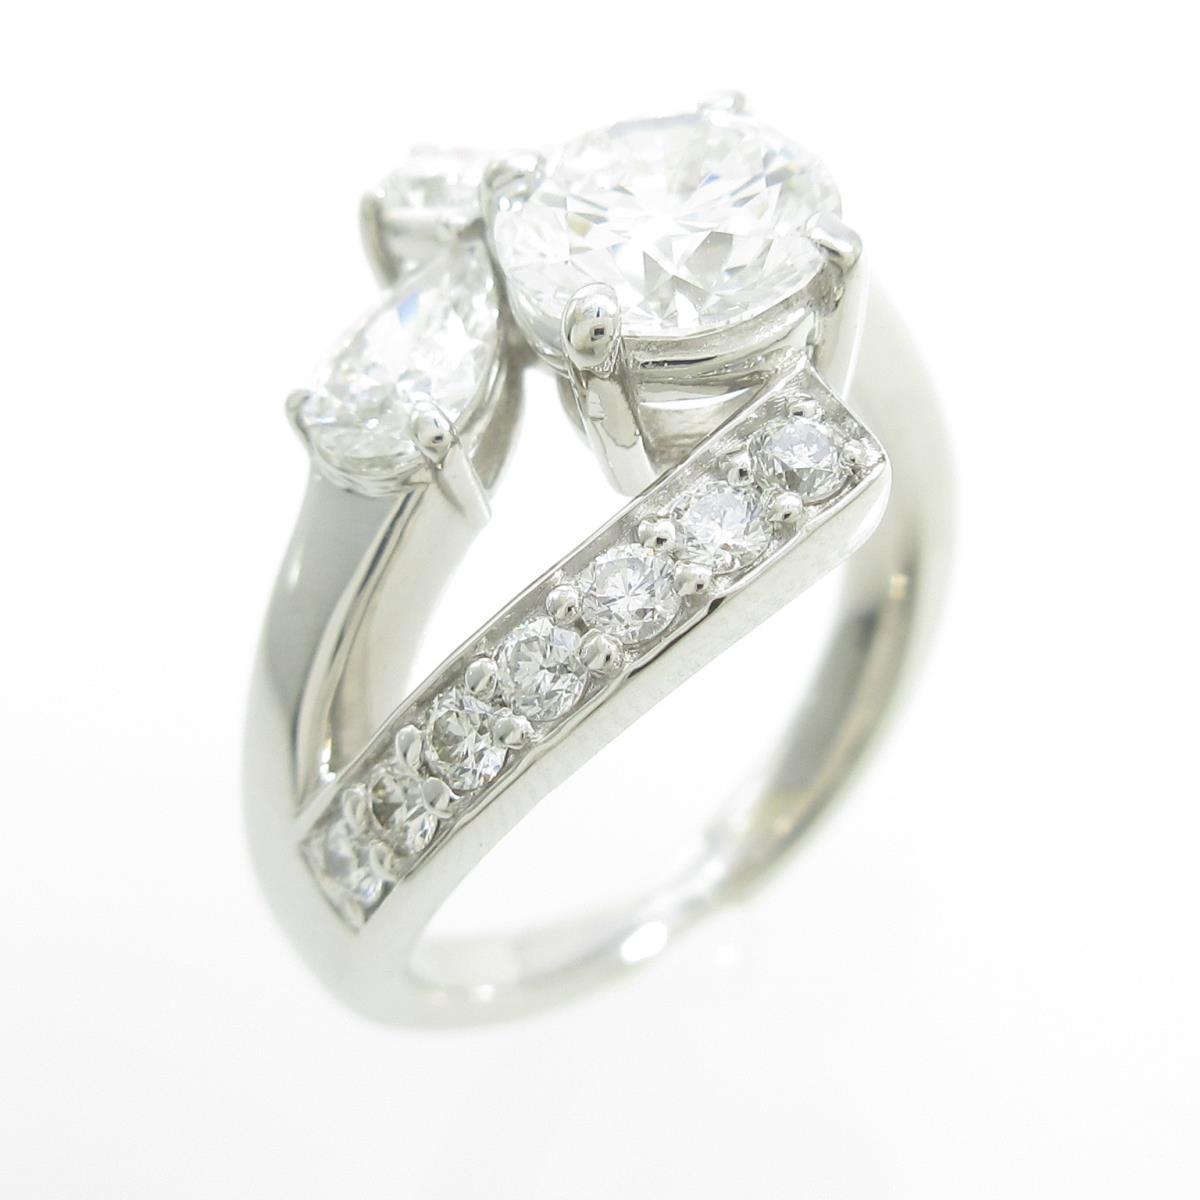 プラチナダイヤモンドリング 1.100ct・D・SI2・EXT【中古】